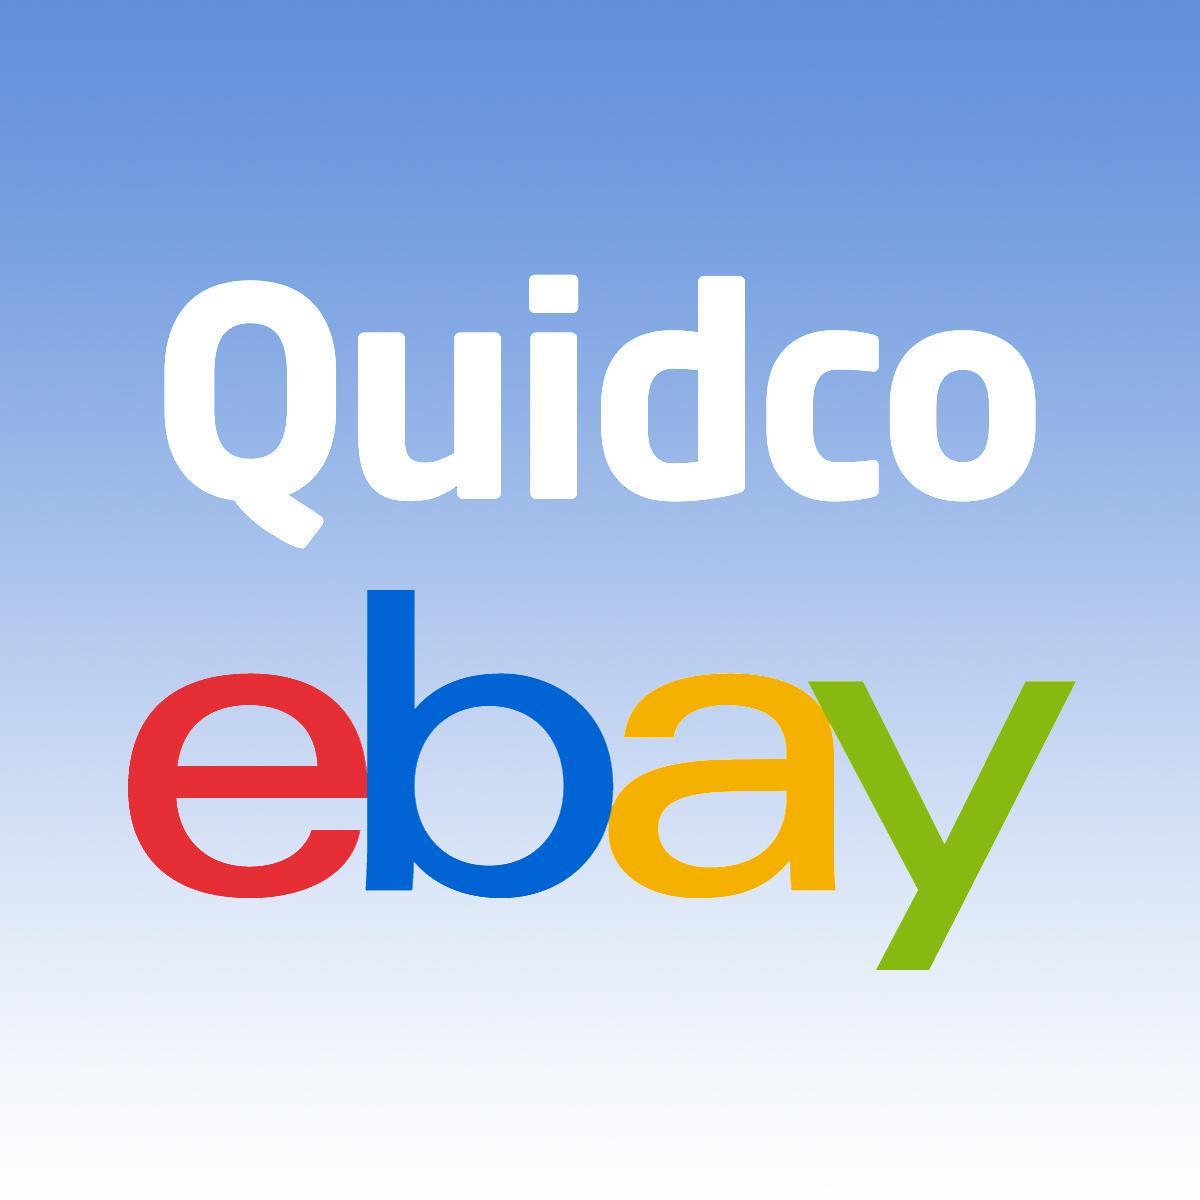 Spend £25 and get a £2.50 bonus at eBay via Quidco